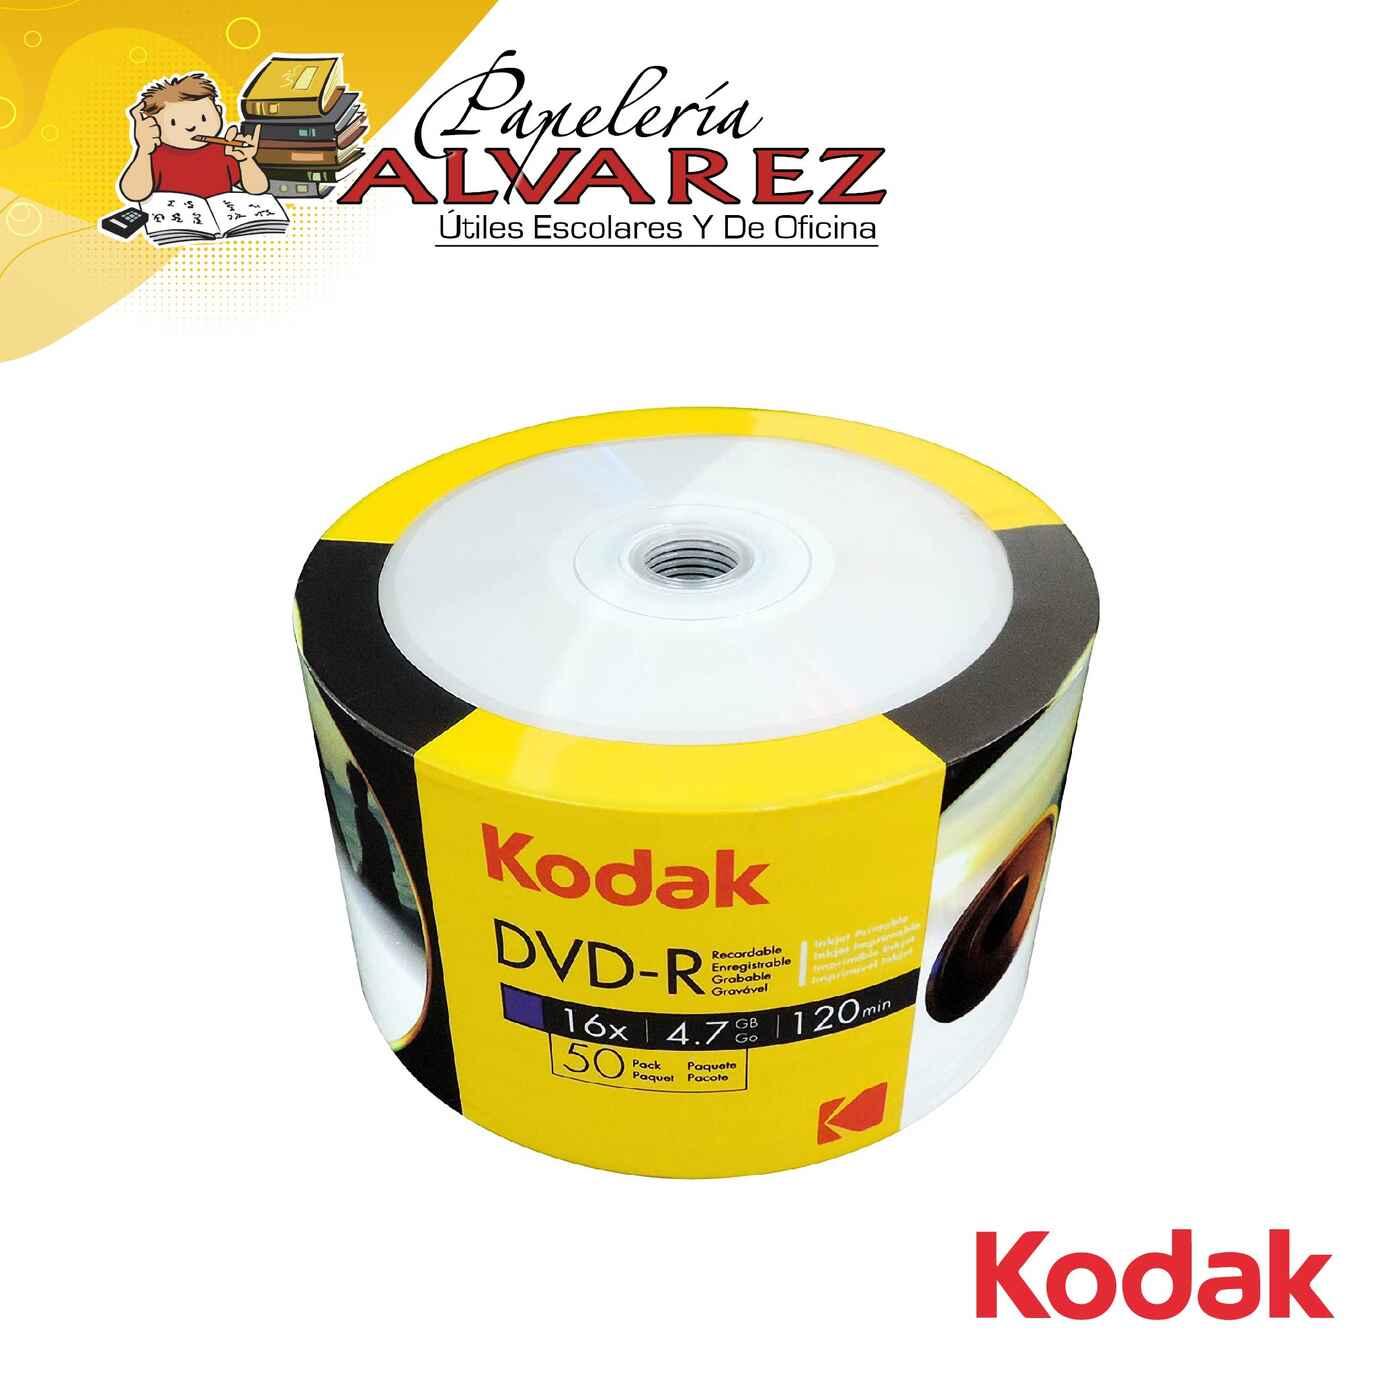 DVD KODAK X 50 DVD-R 16x 4.7GB 120min